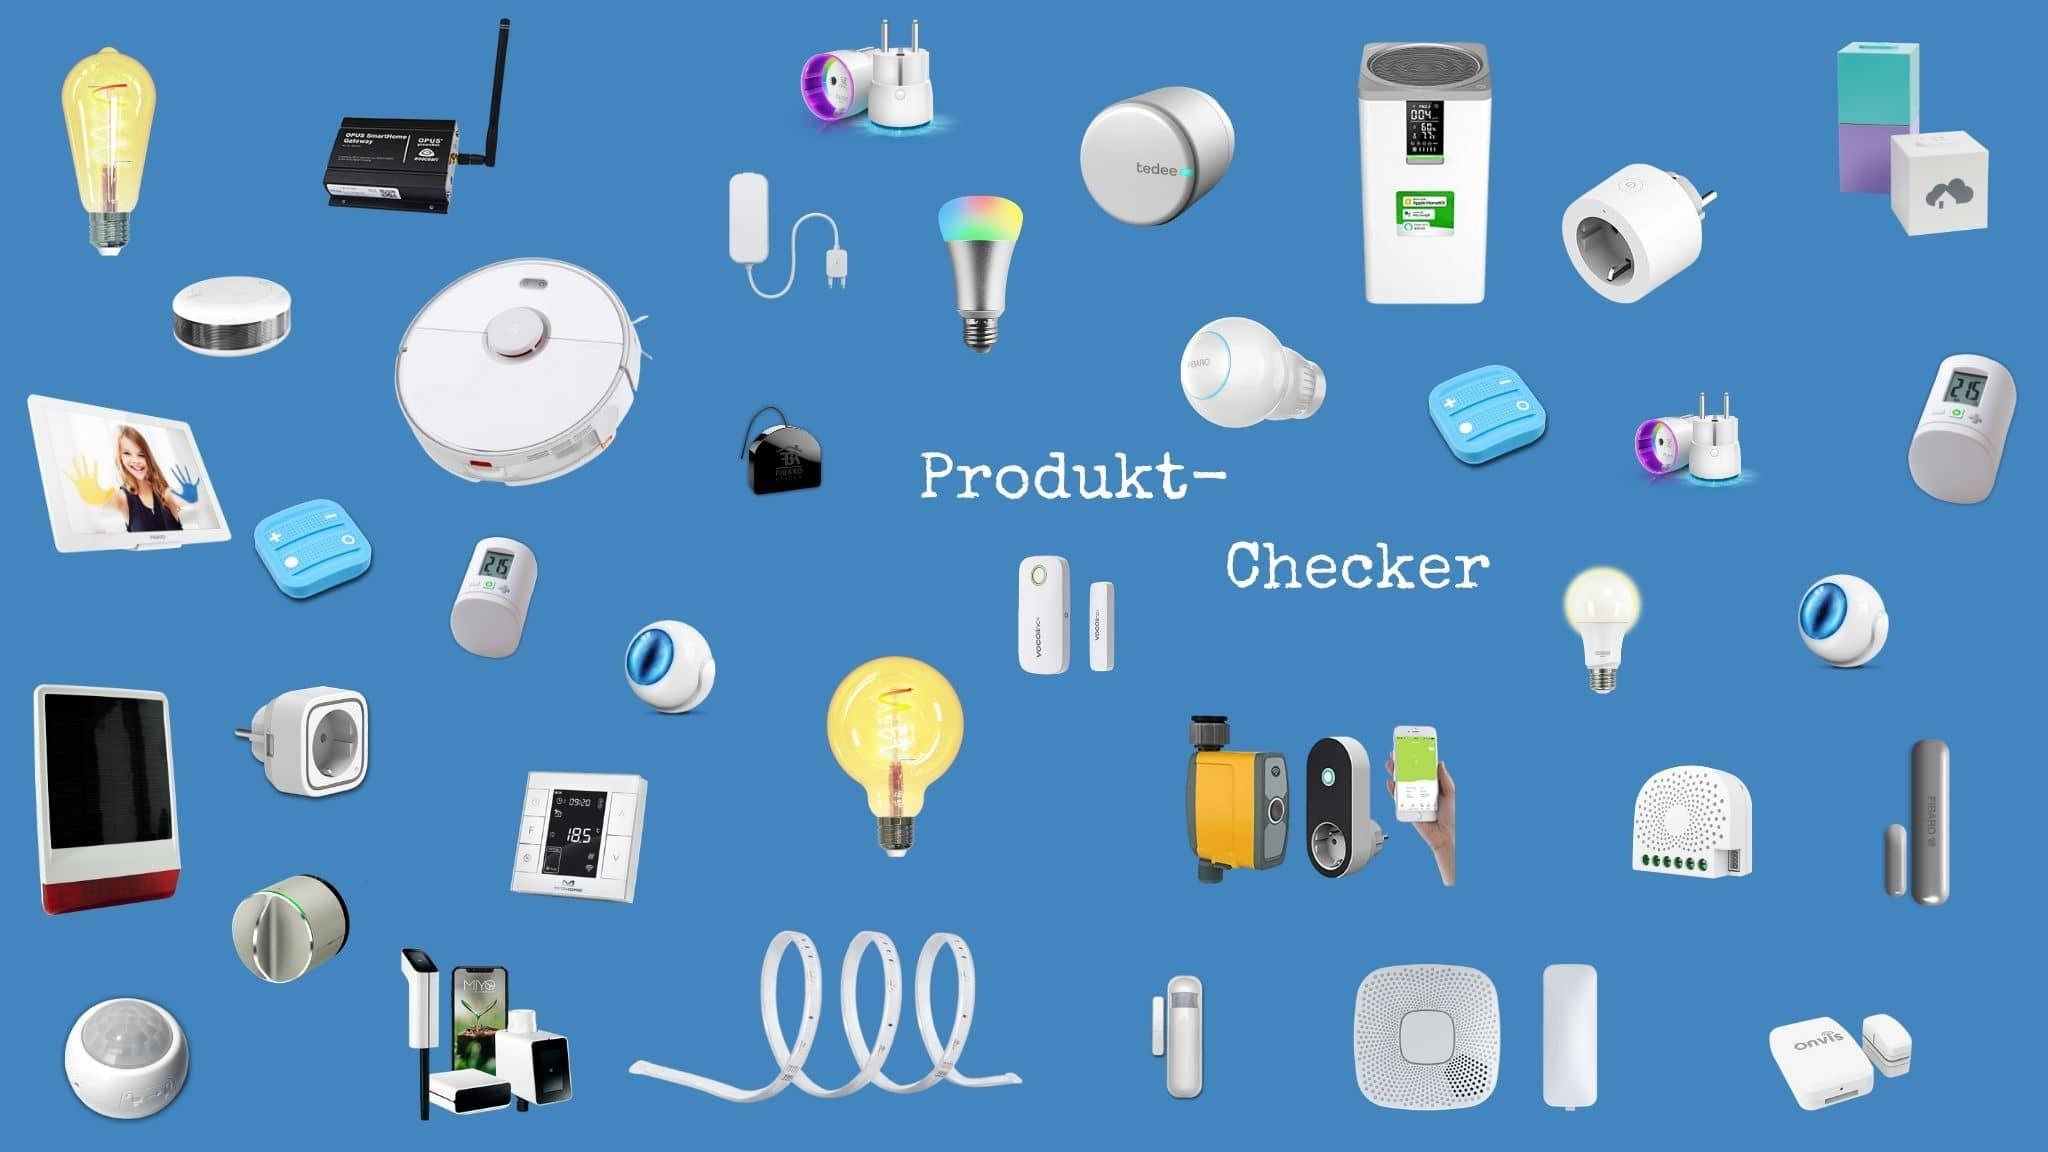 Finde kompatible Smart Home Geräte, Systeme und Gadgets bei SmartHomeChecker